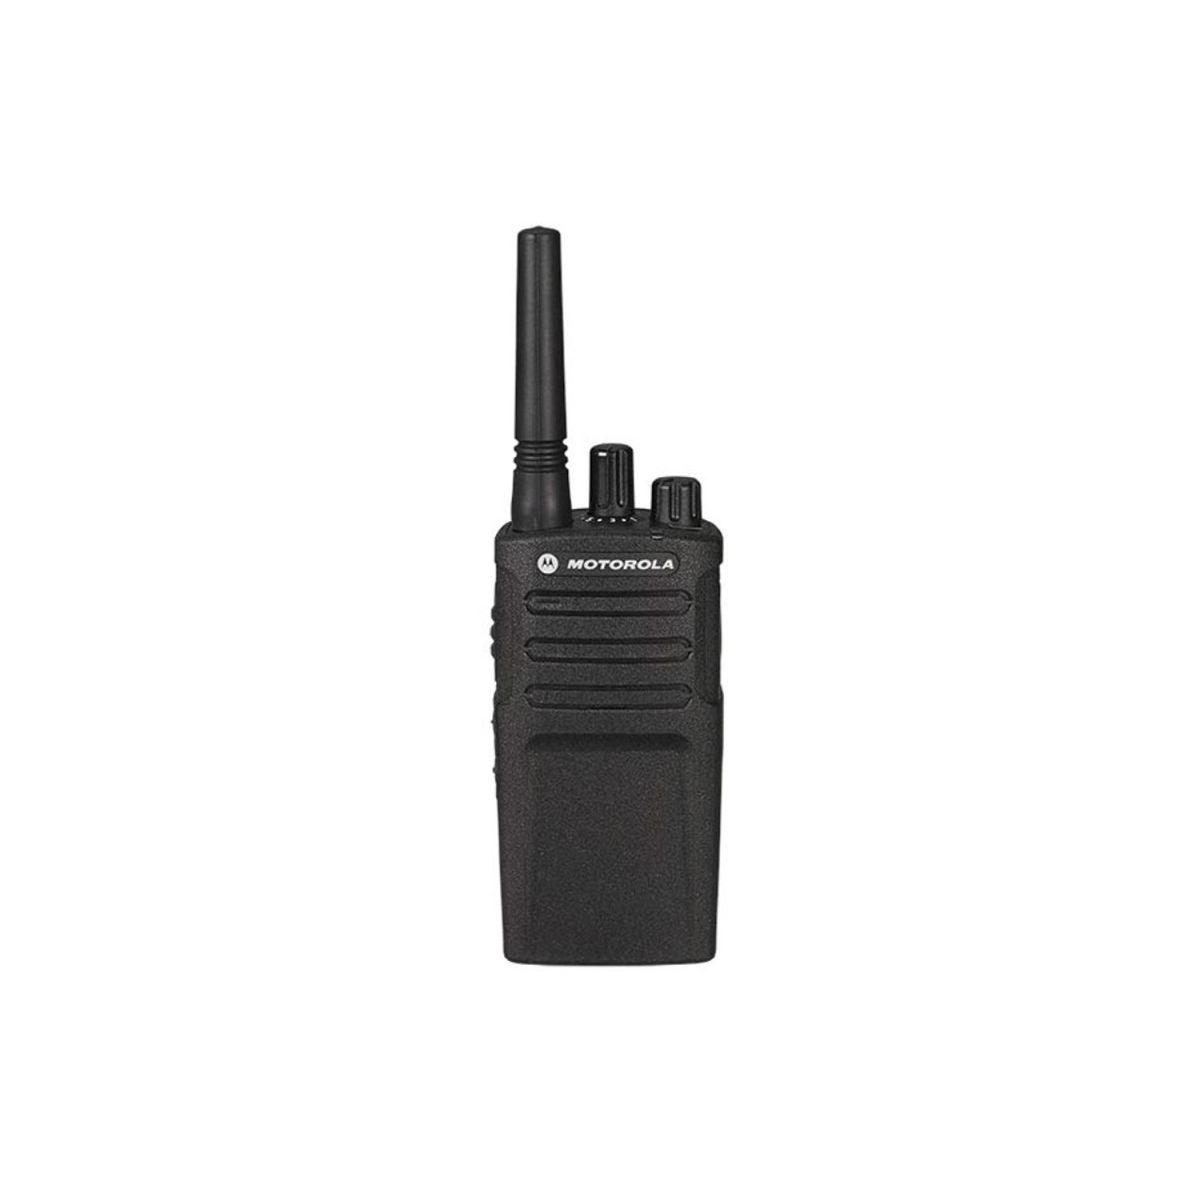 Talkie walkie motorola xt-420 - 15% de remise imm�diate avec le code : cadeau15 (photo)